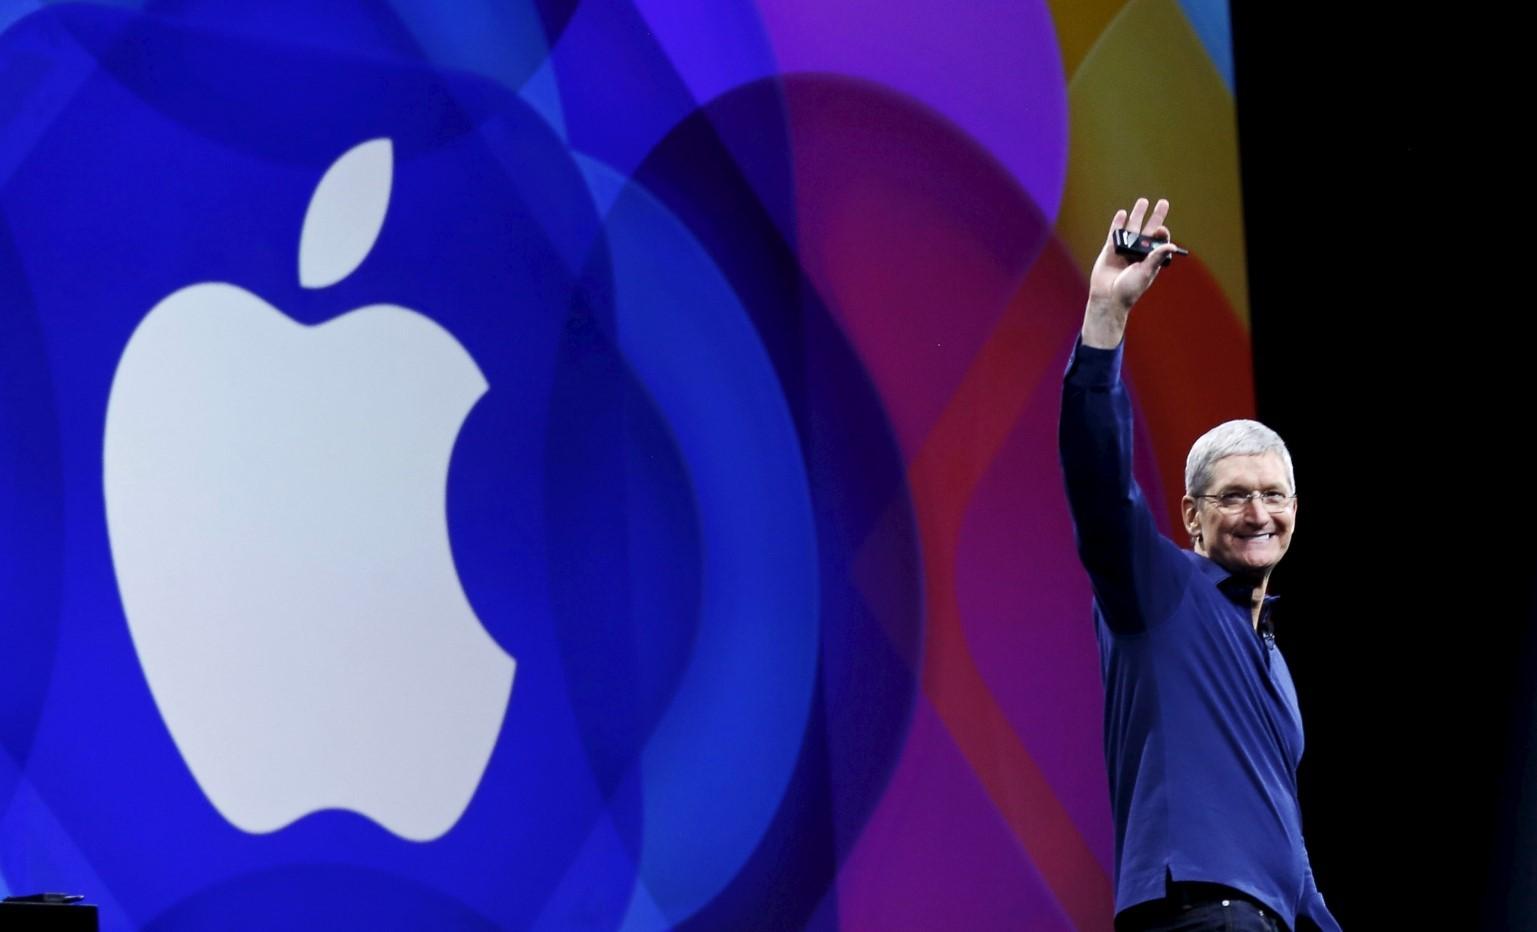 Cinco anos, cinco gadgets: a liderança de Tim Cook em produtos da Apple